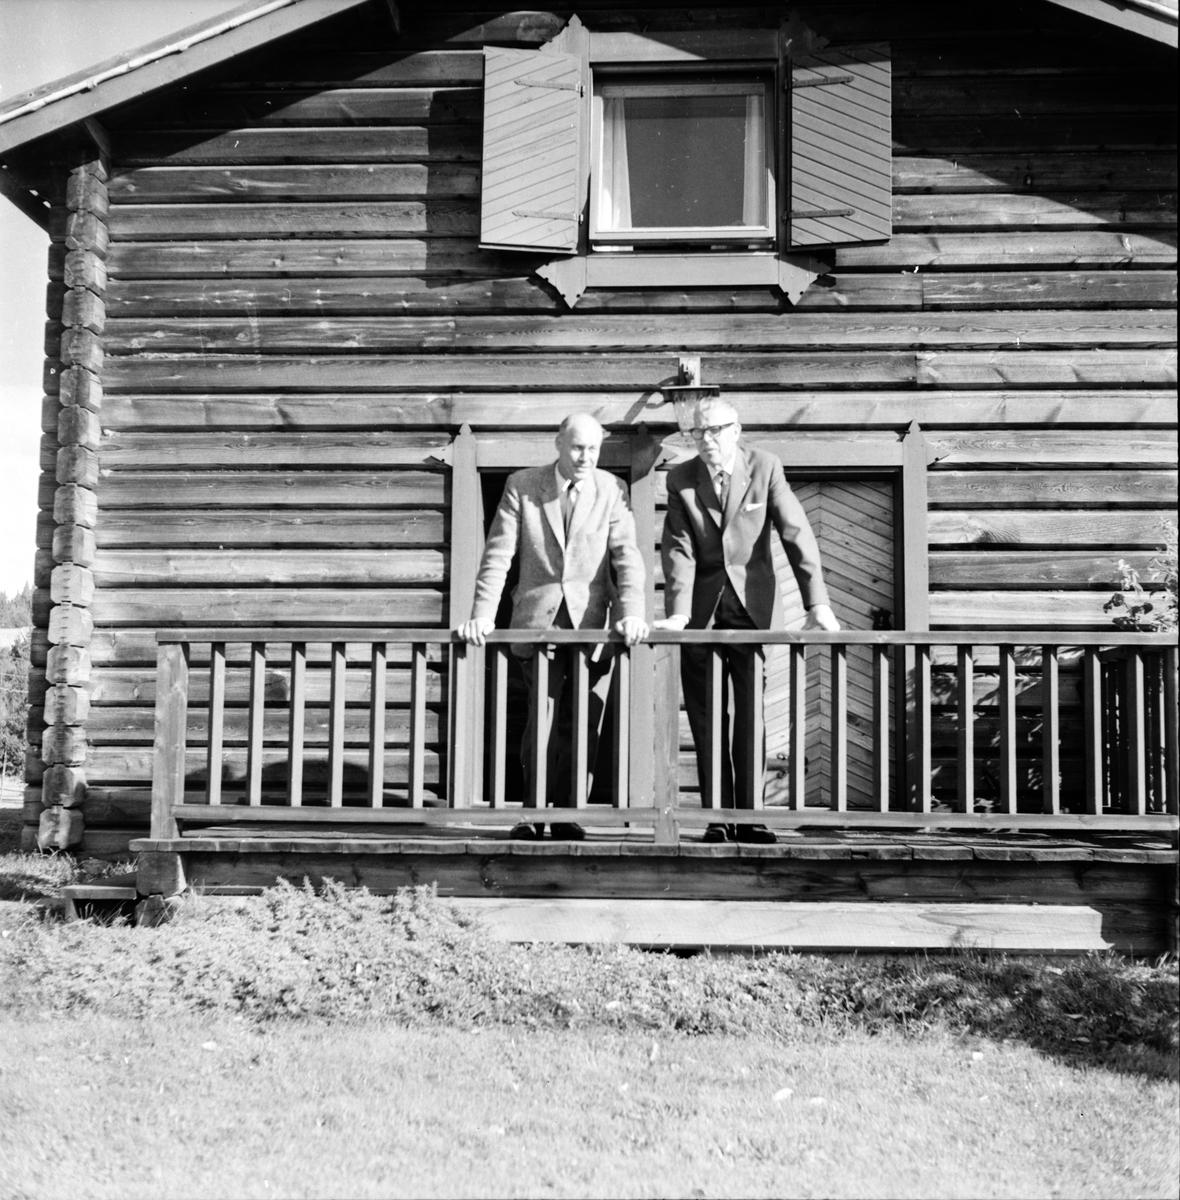 Indal, Hembygdsfolk, 14 September 1963